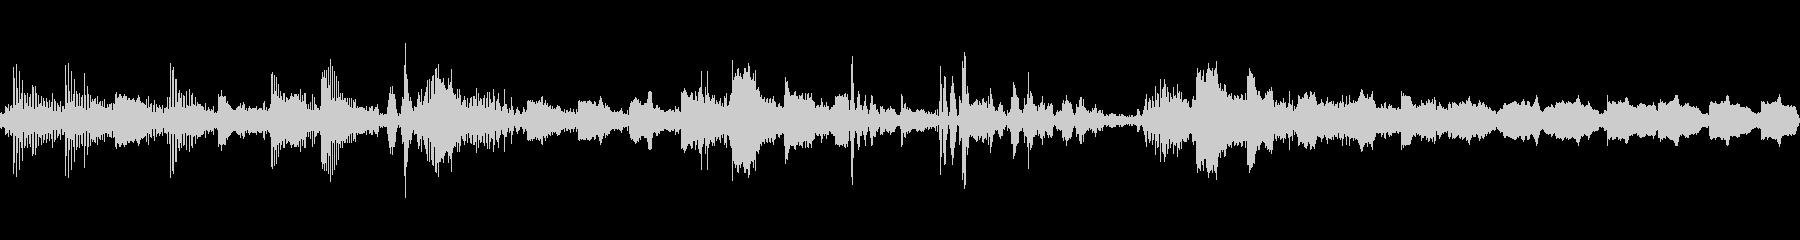 スタッター-アブレーシブシャダーは...の未再生の波形